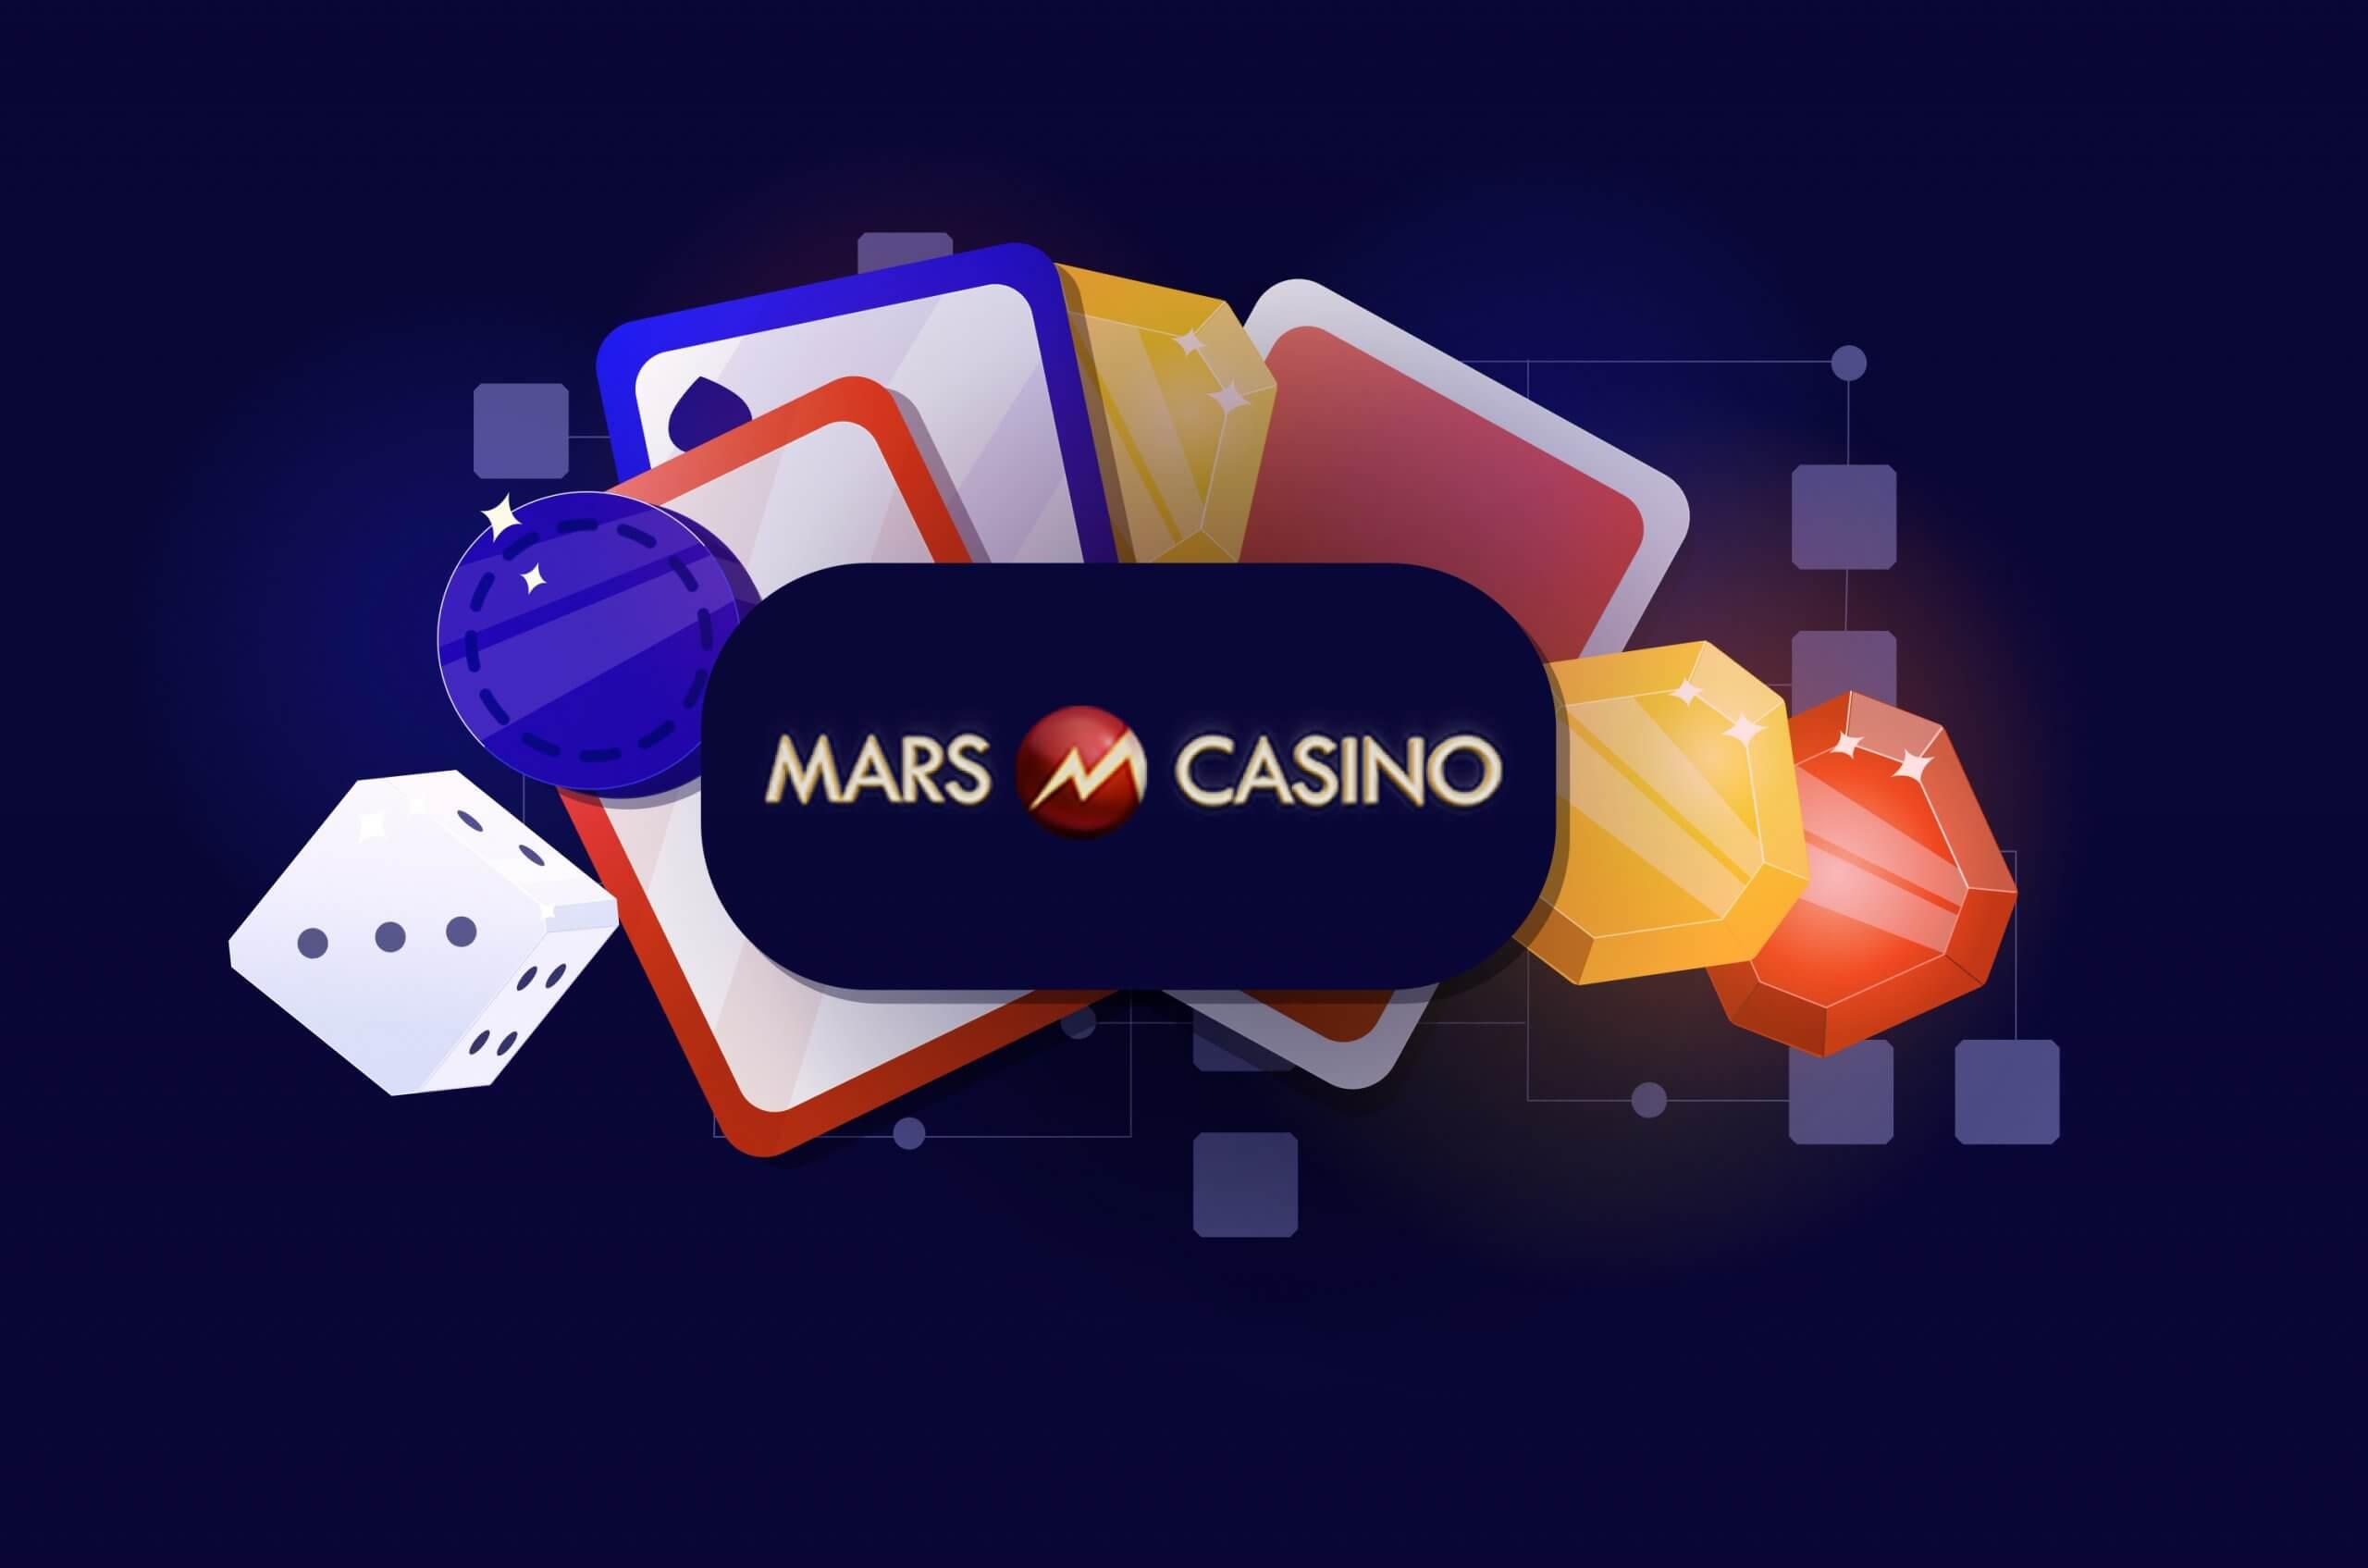 Mars Casino Review – Provably.com